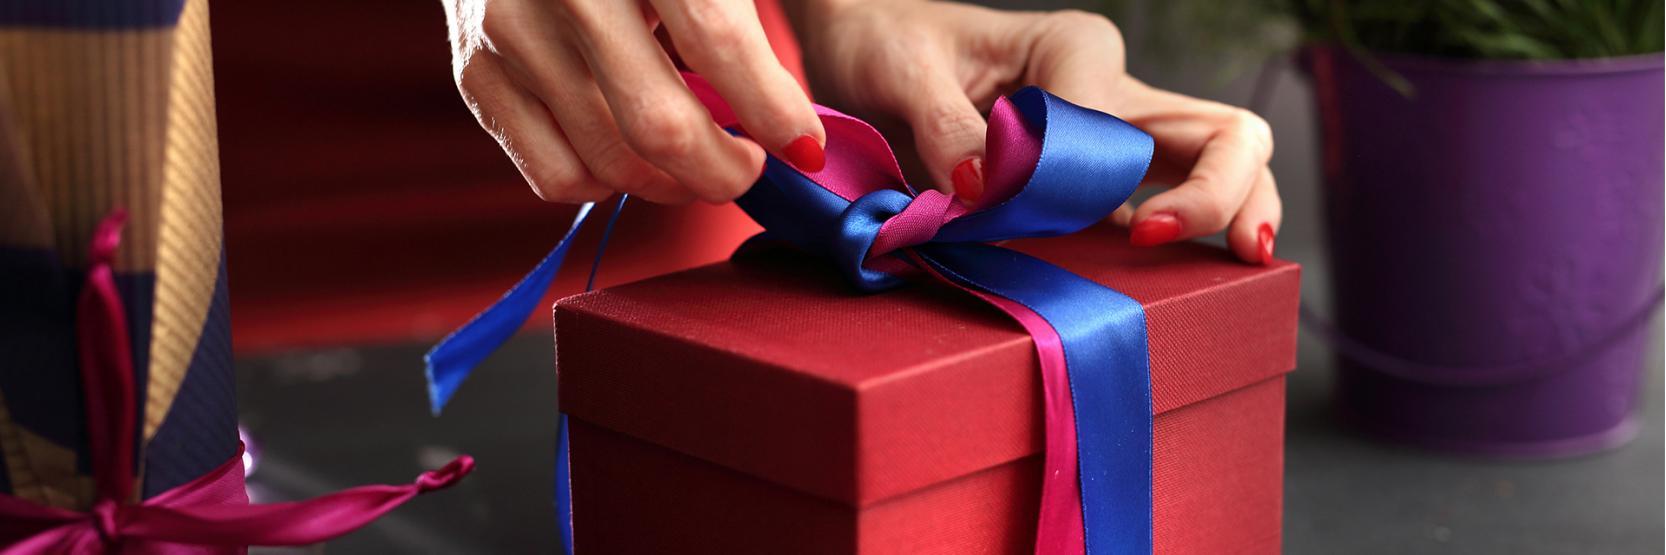 أفكار تغليف الهدايا بطرق غير مكلفة